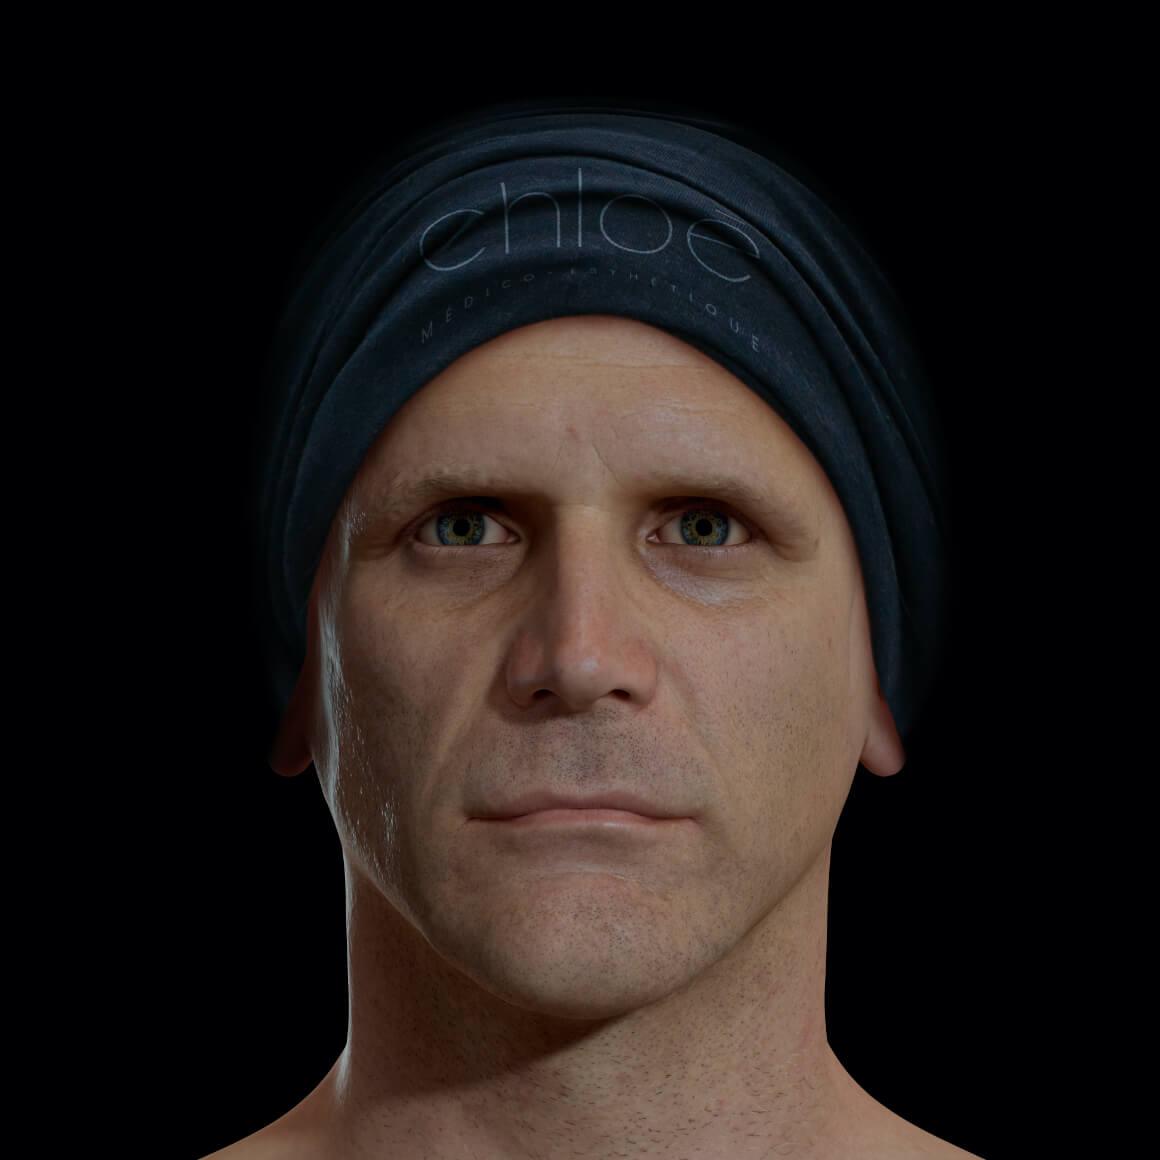 Patient de la Clinique Chloé positionné de face après un traitement Profound pour la définition de la mâchoire